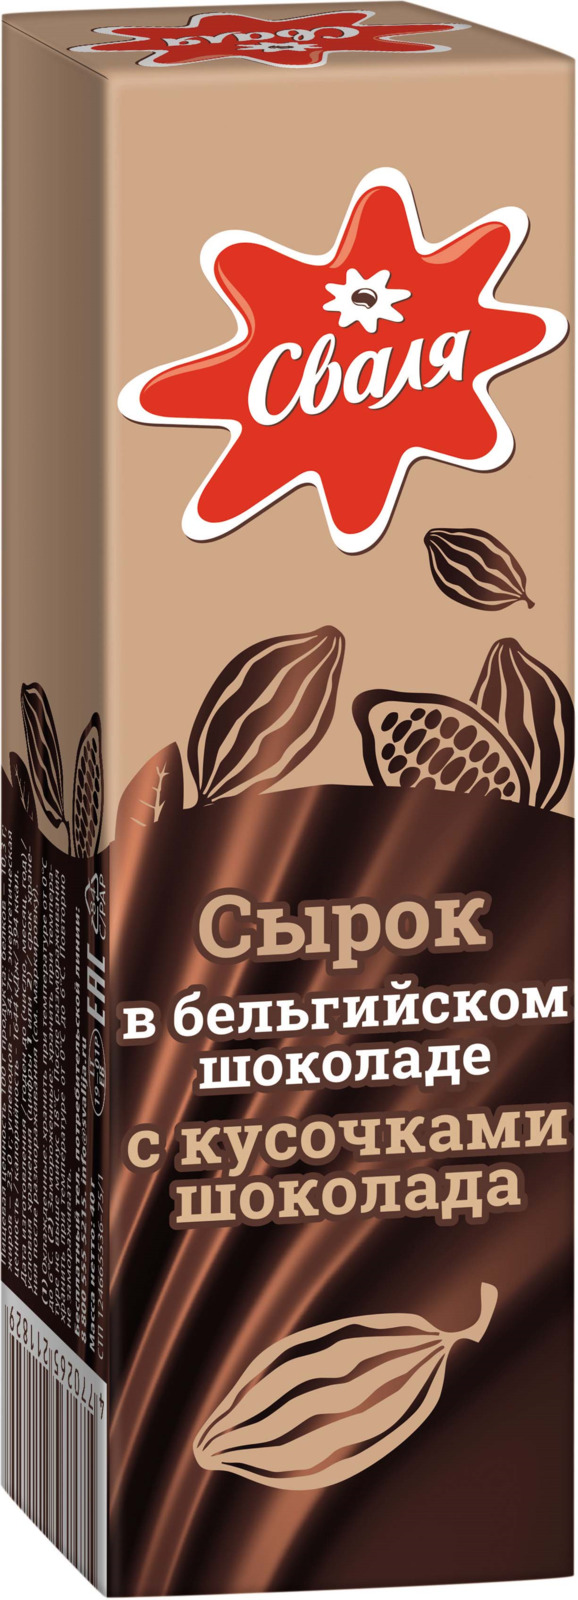 Сырок Сваля, творожный, глазированный, в бельгийском шоколаде, с кусочками шоколада, 23%, 40 г молочные продукты